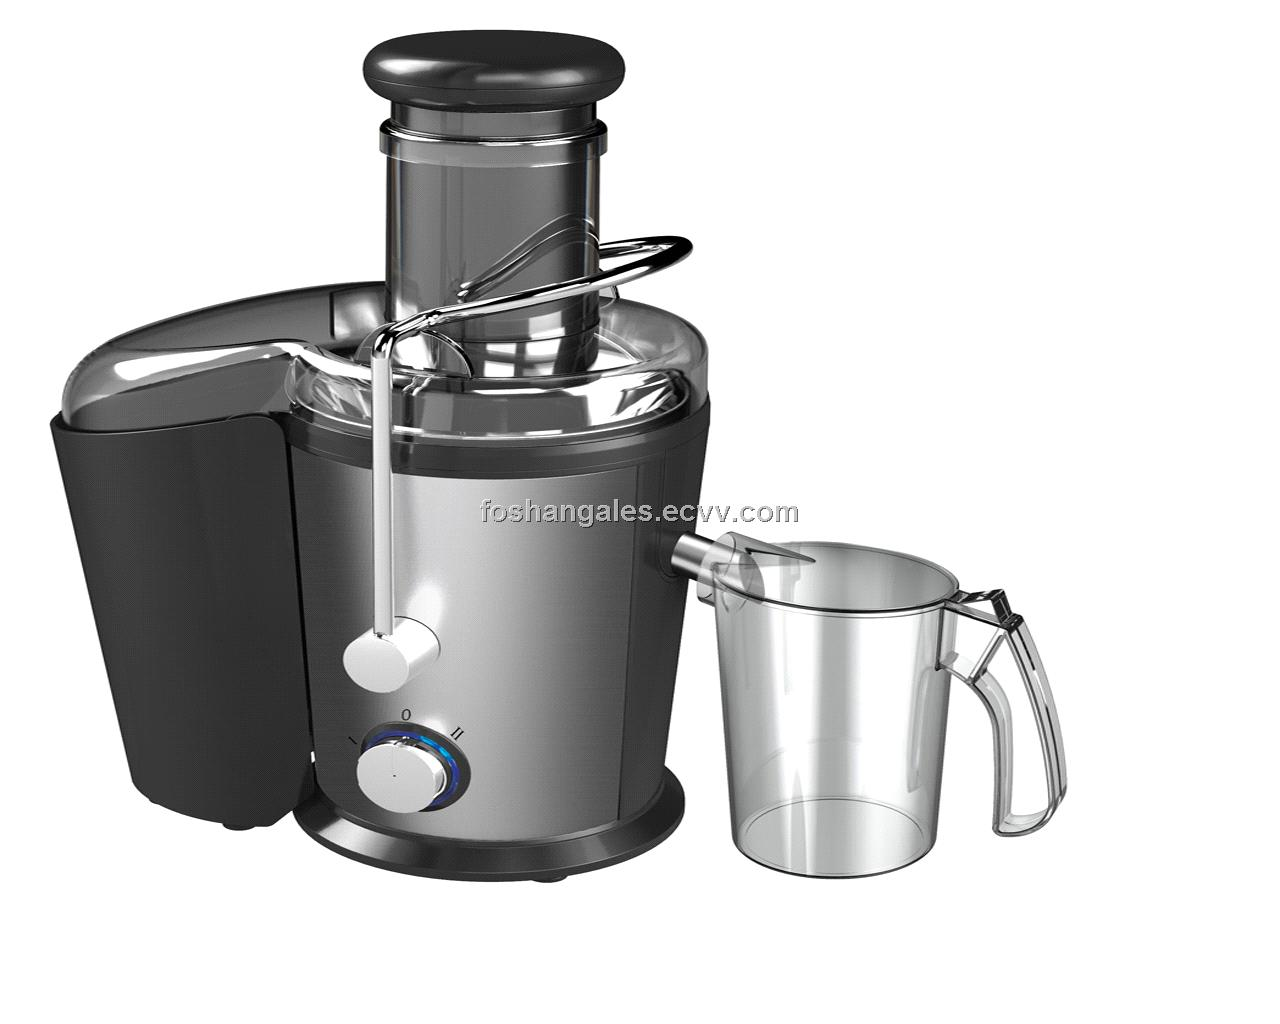 Slow Juicer In Sri Lanka : 800w 75mm large tube juicer purchasing, souring agent ECvv.com purchasing service platform